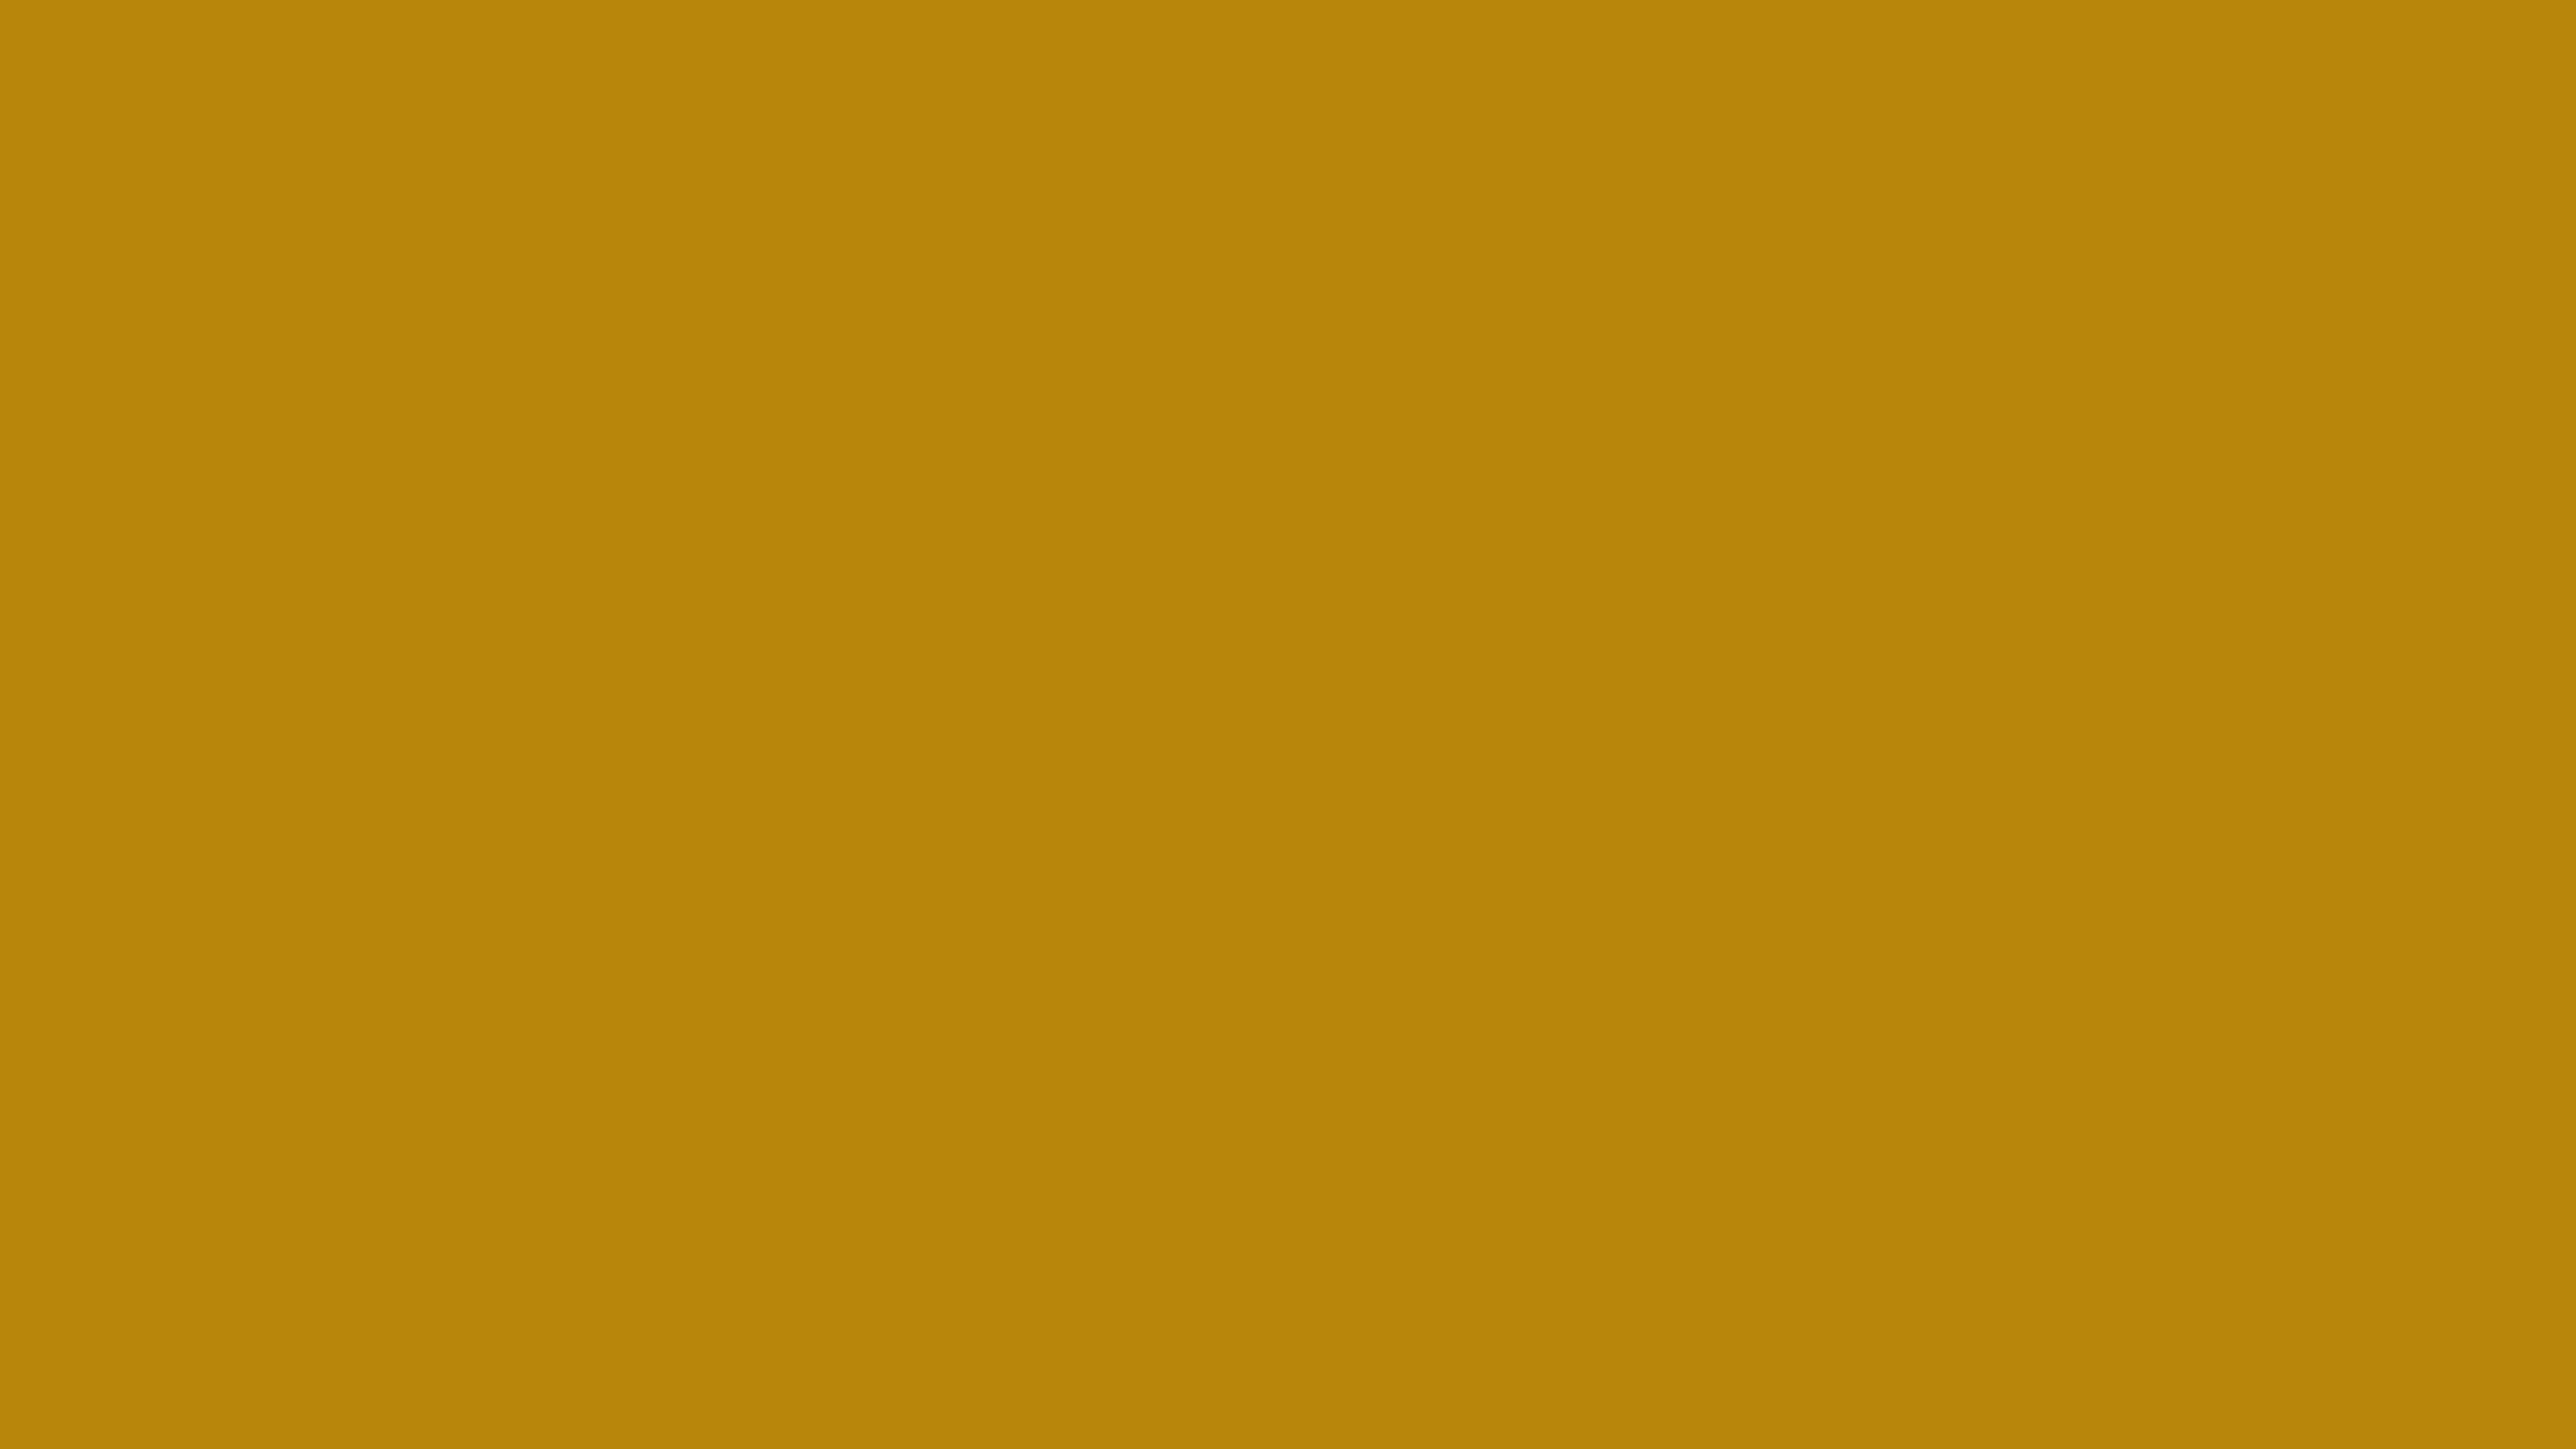 3840x2160 Dark Goldenrod Solid Color Background